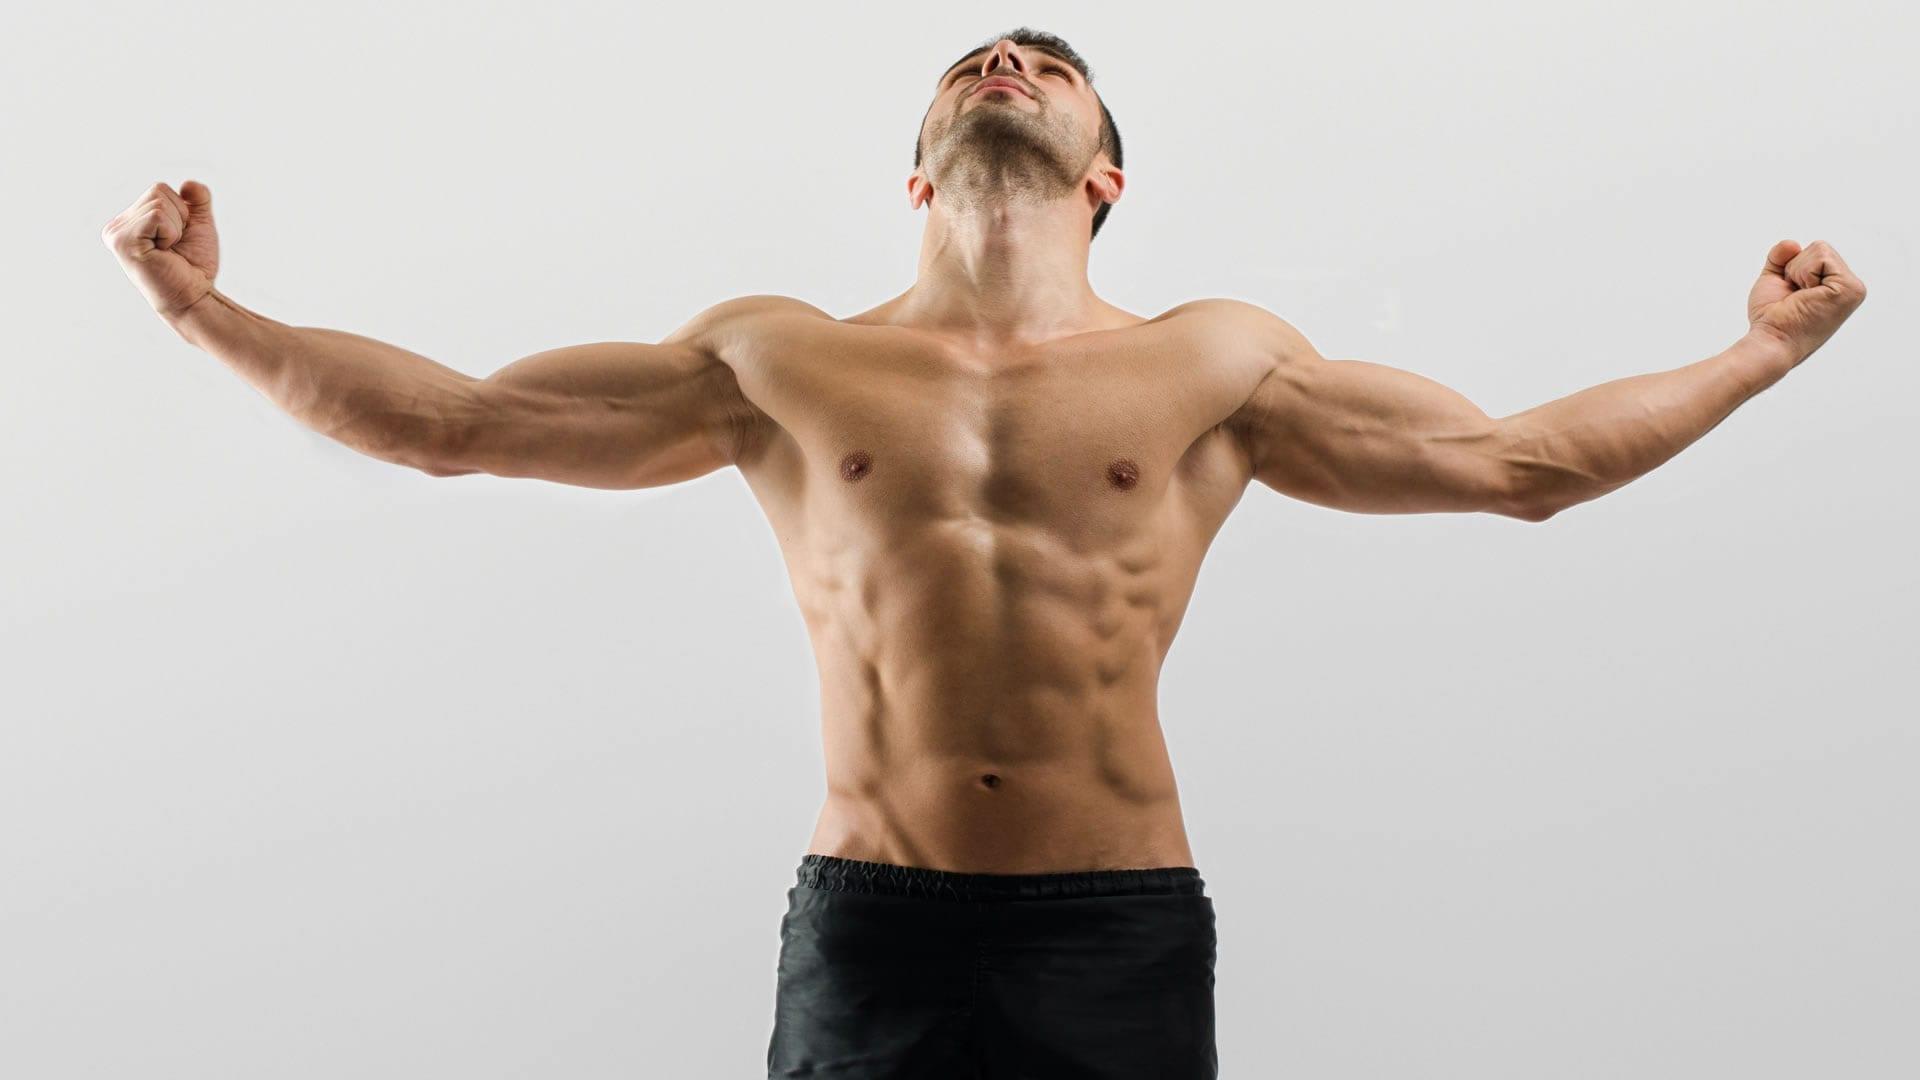 Tipo perder grasa pectoral y abdominal objetivo aumentar fuerza